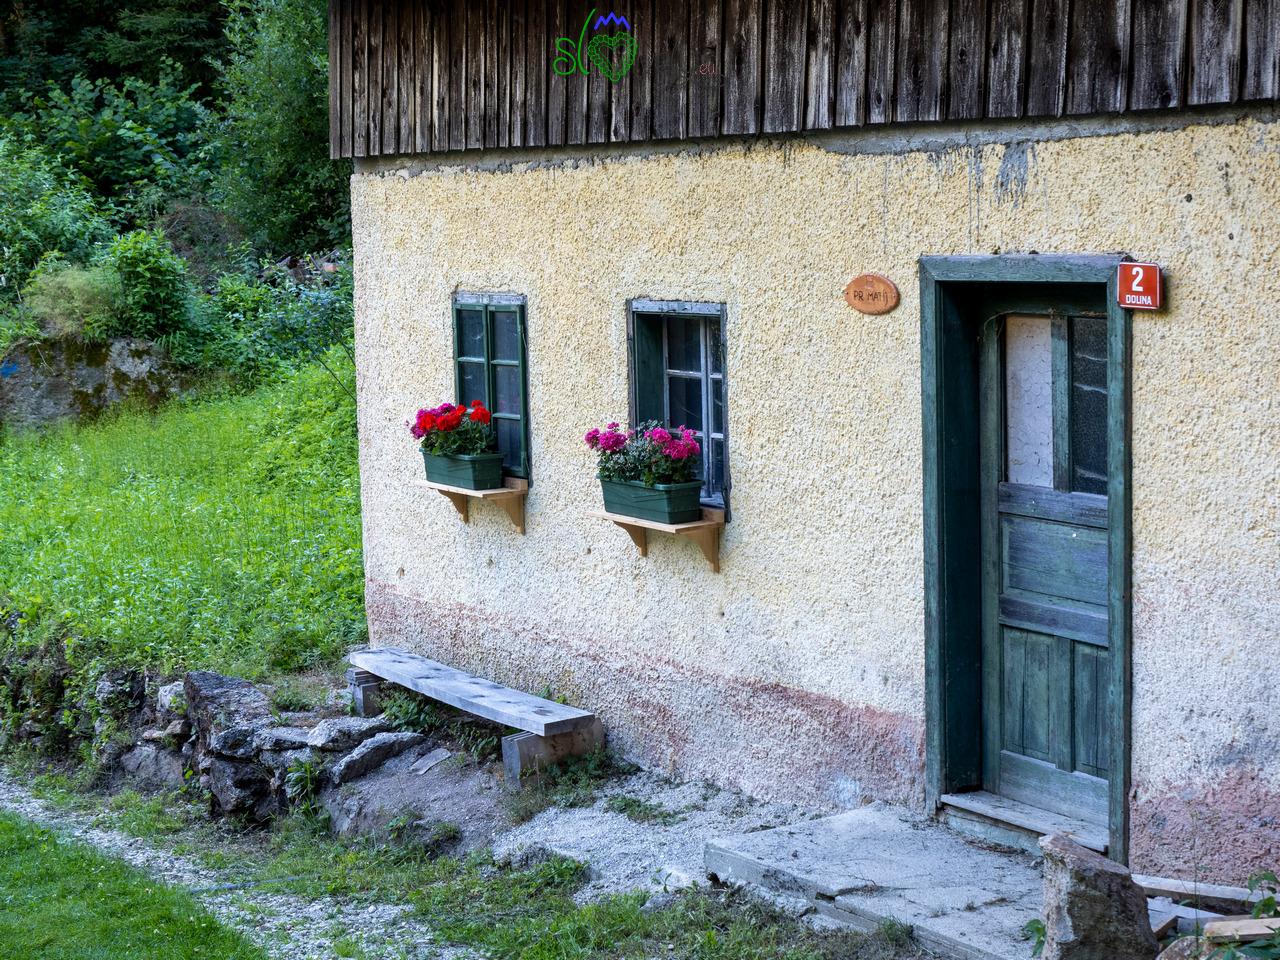 Tržič: un angolo di paradiso nel cuore delle Caravanche 13